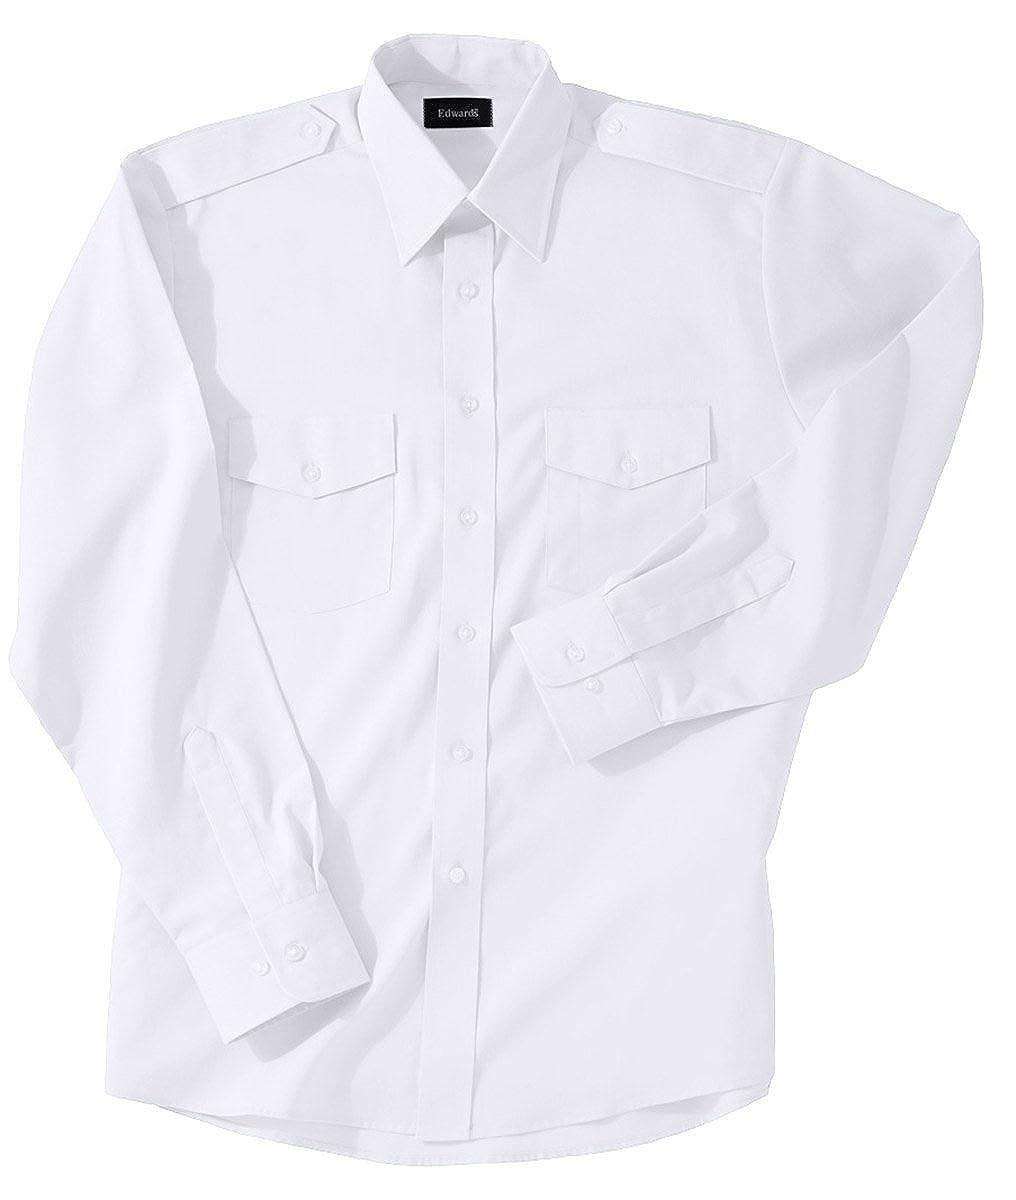 Edwards Garment Men's Long Sleeve demanding Shirts 1262